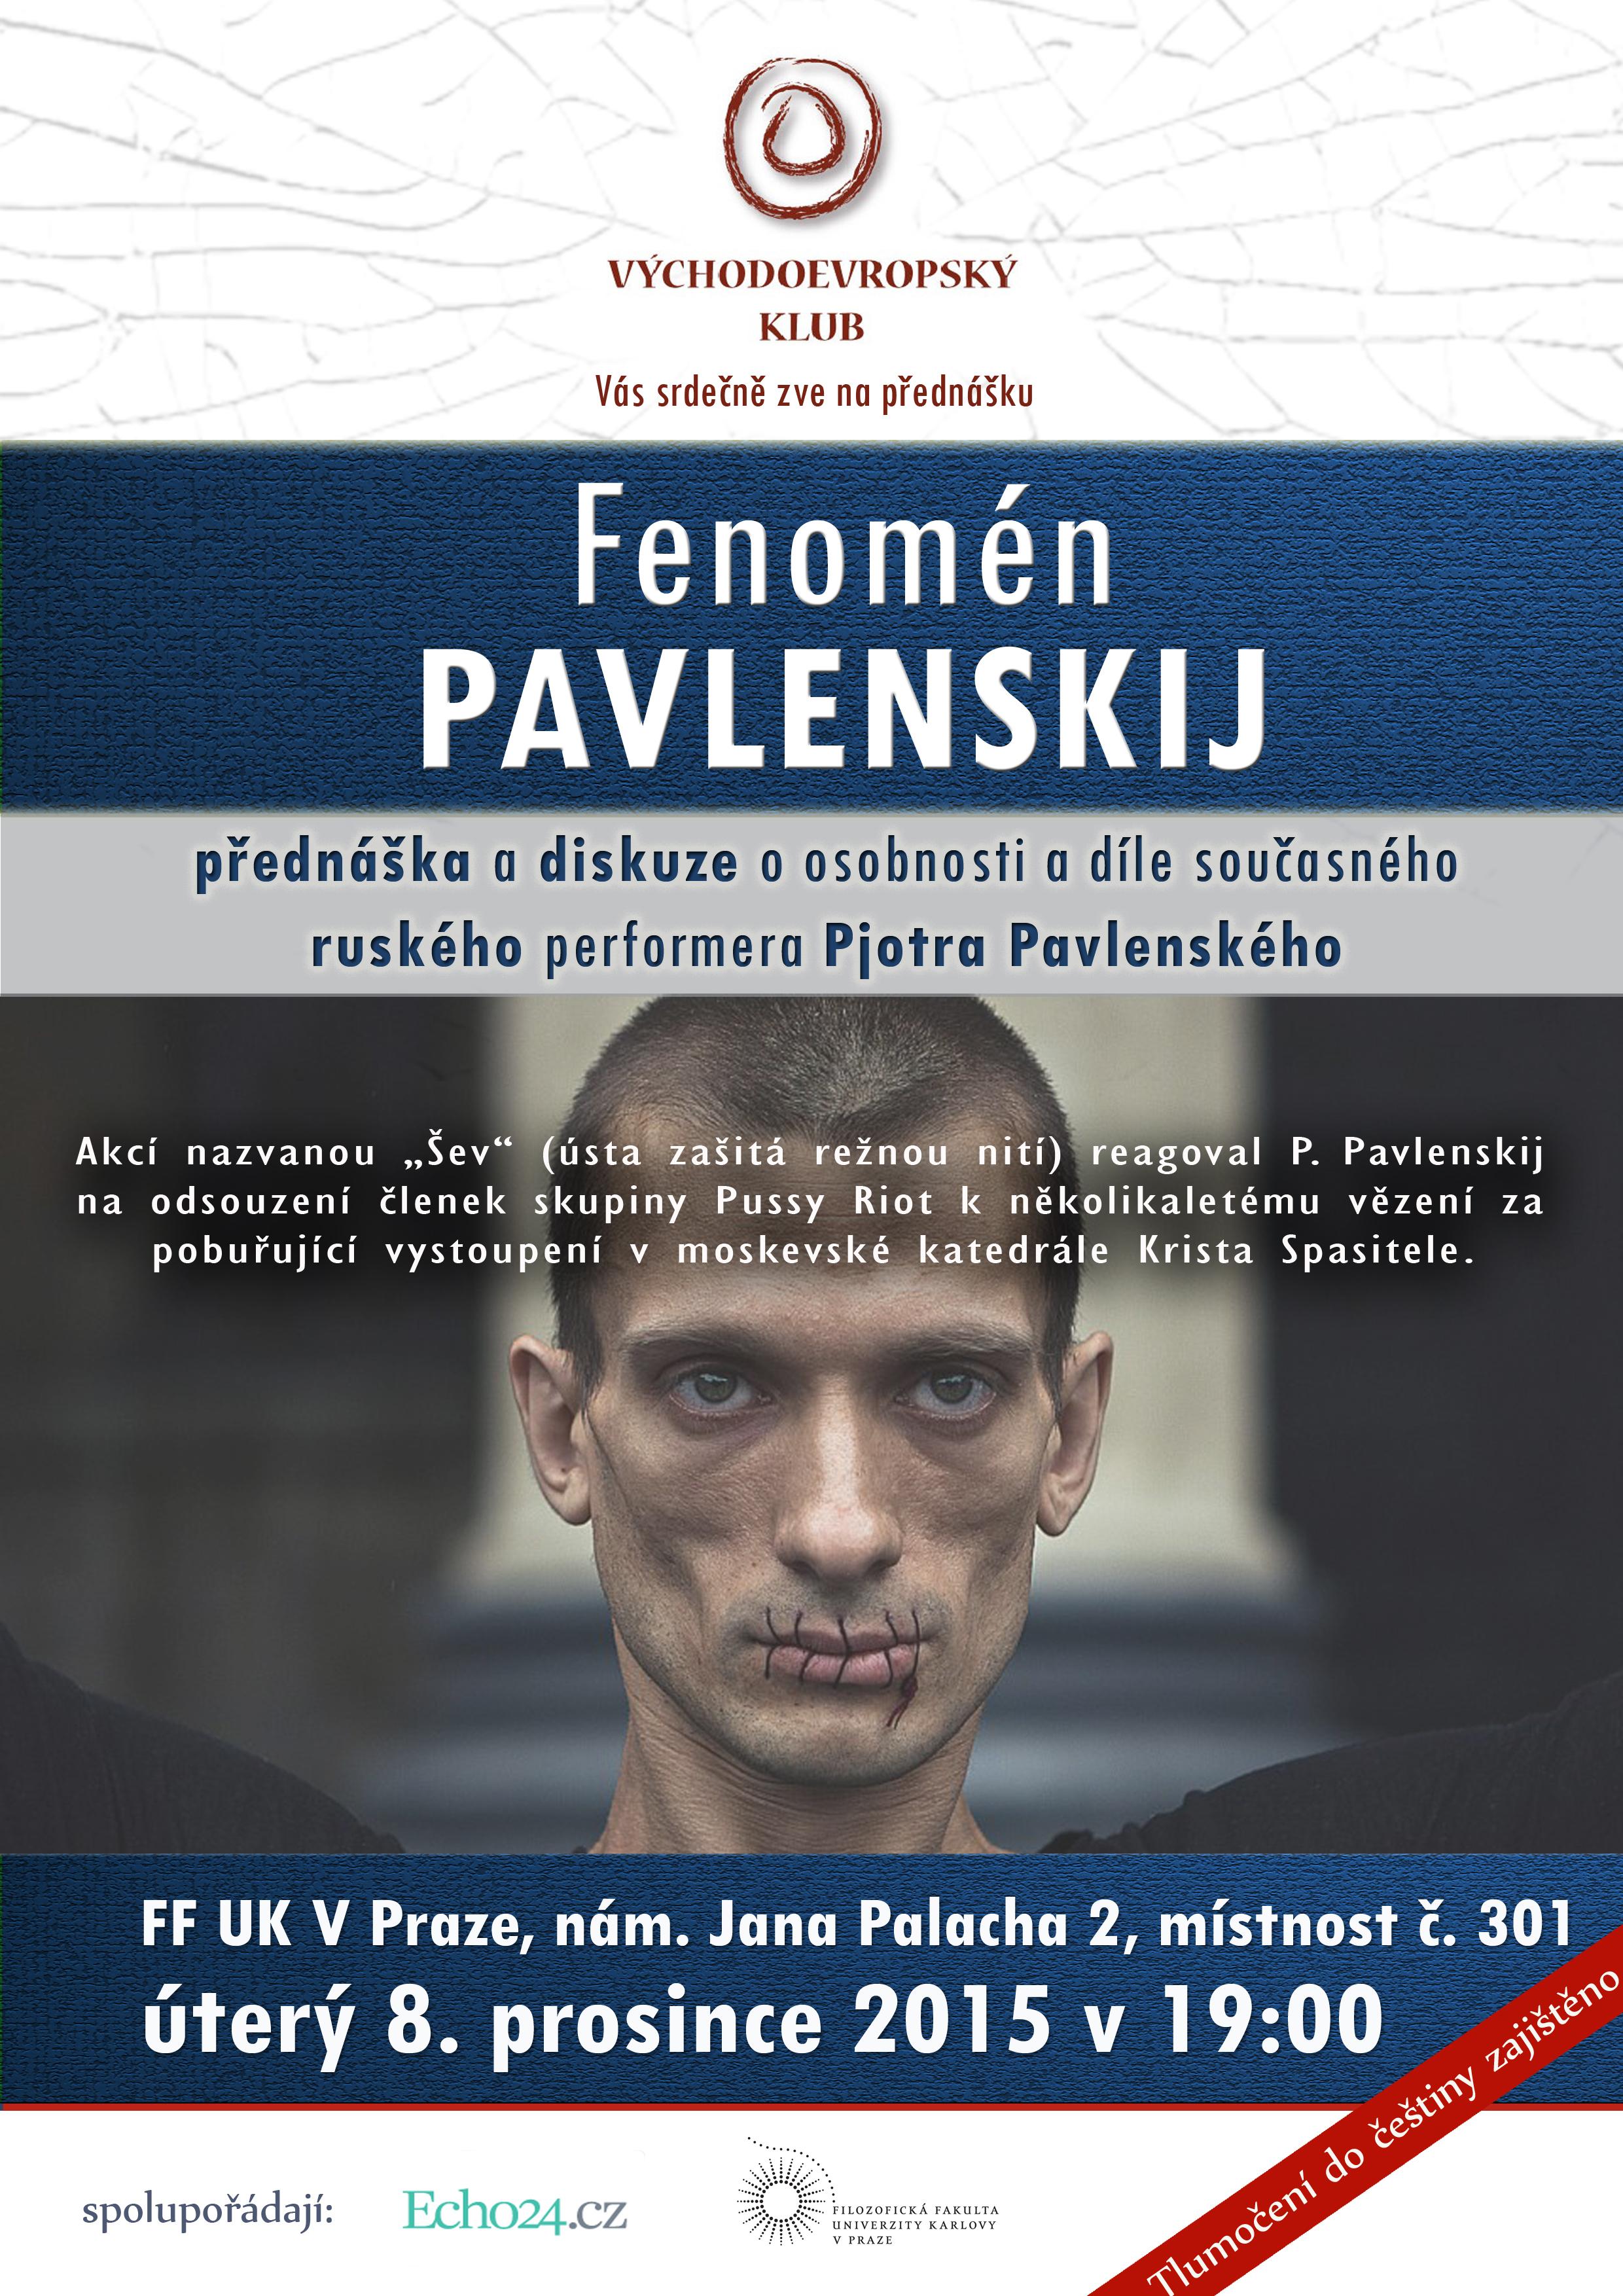 Pjotr Pavlenskij